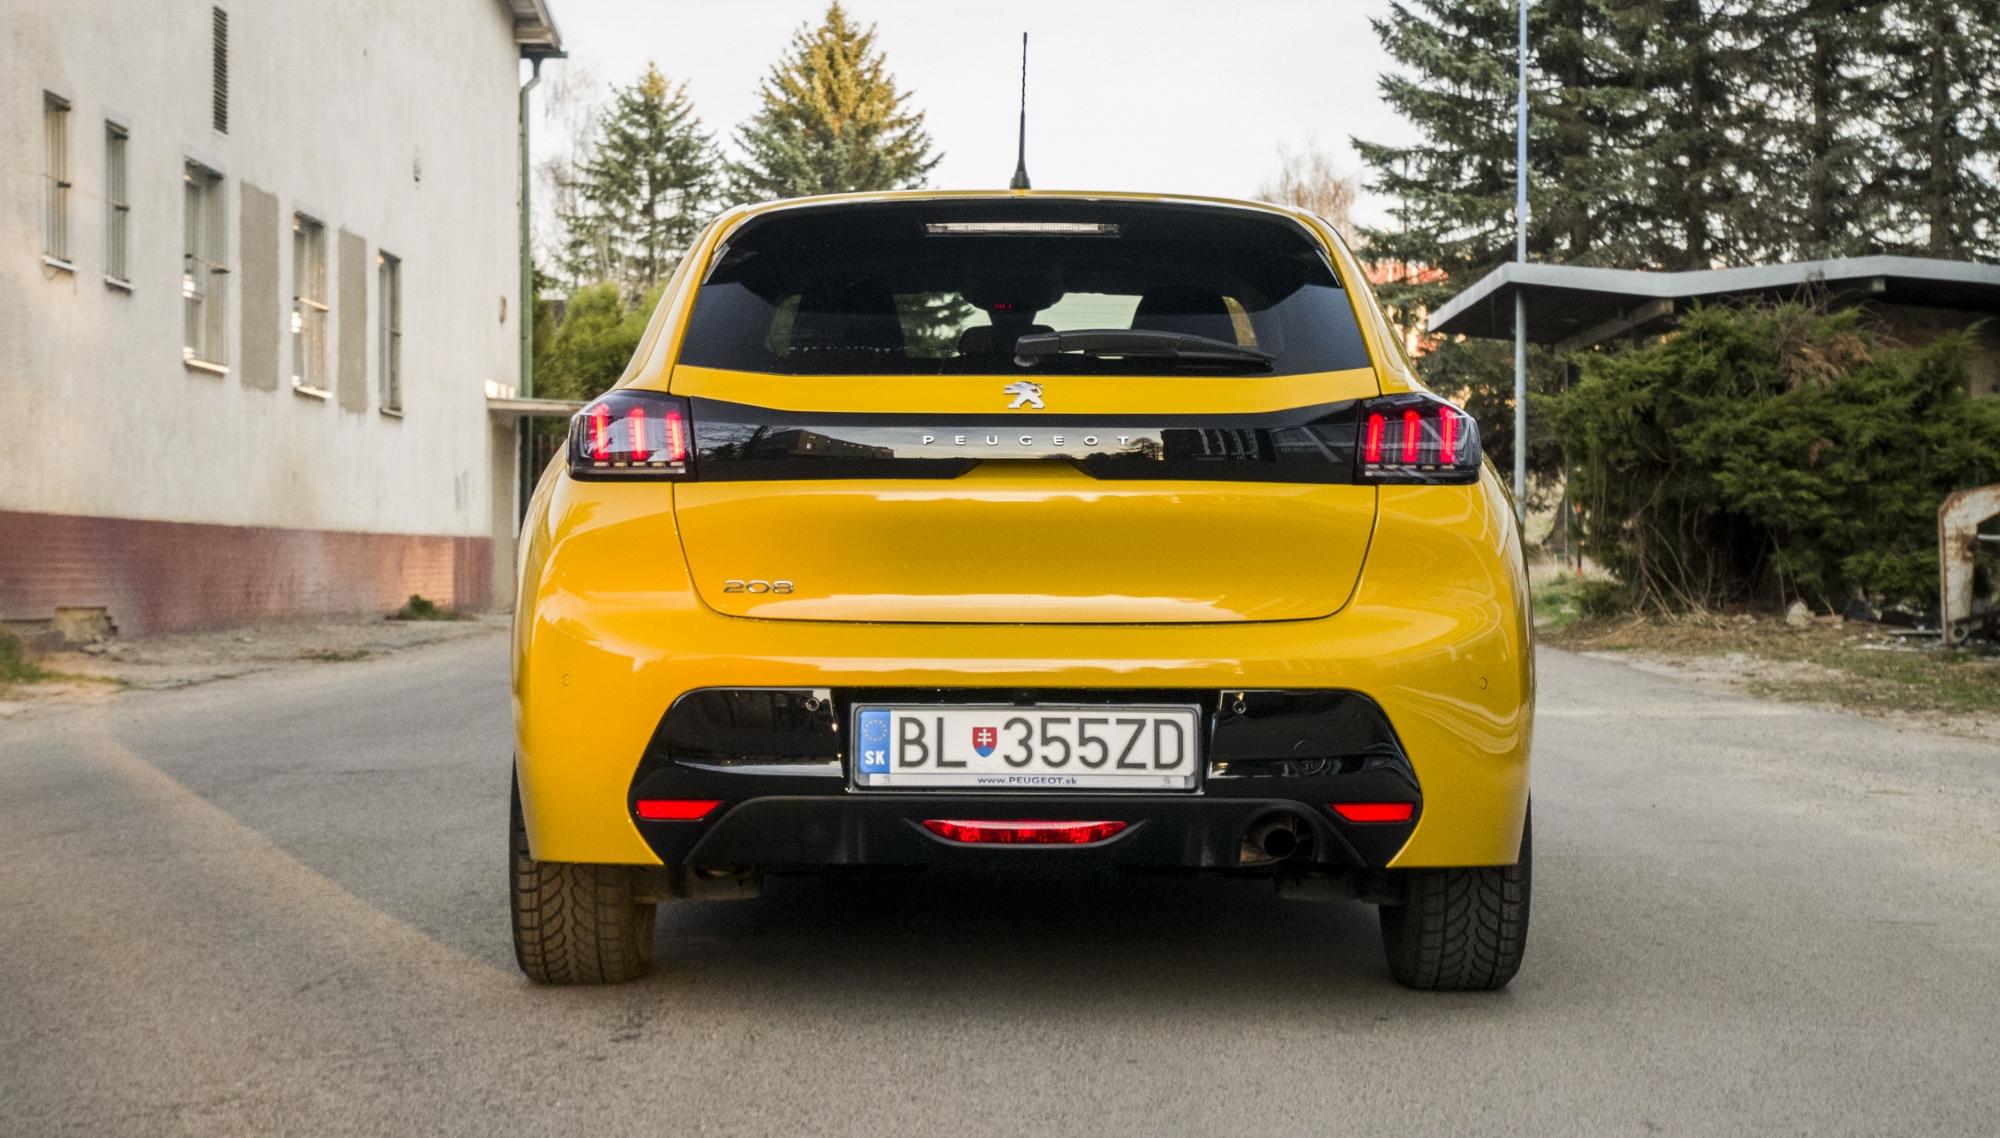 Test: Peugeot 208 prekvapivo pútal pohľady 1sNI0qz6eb peugeot-208-27